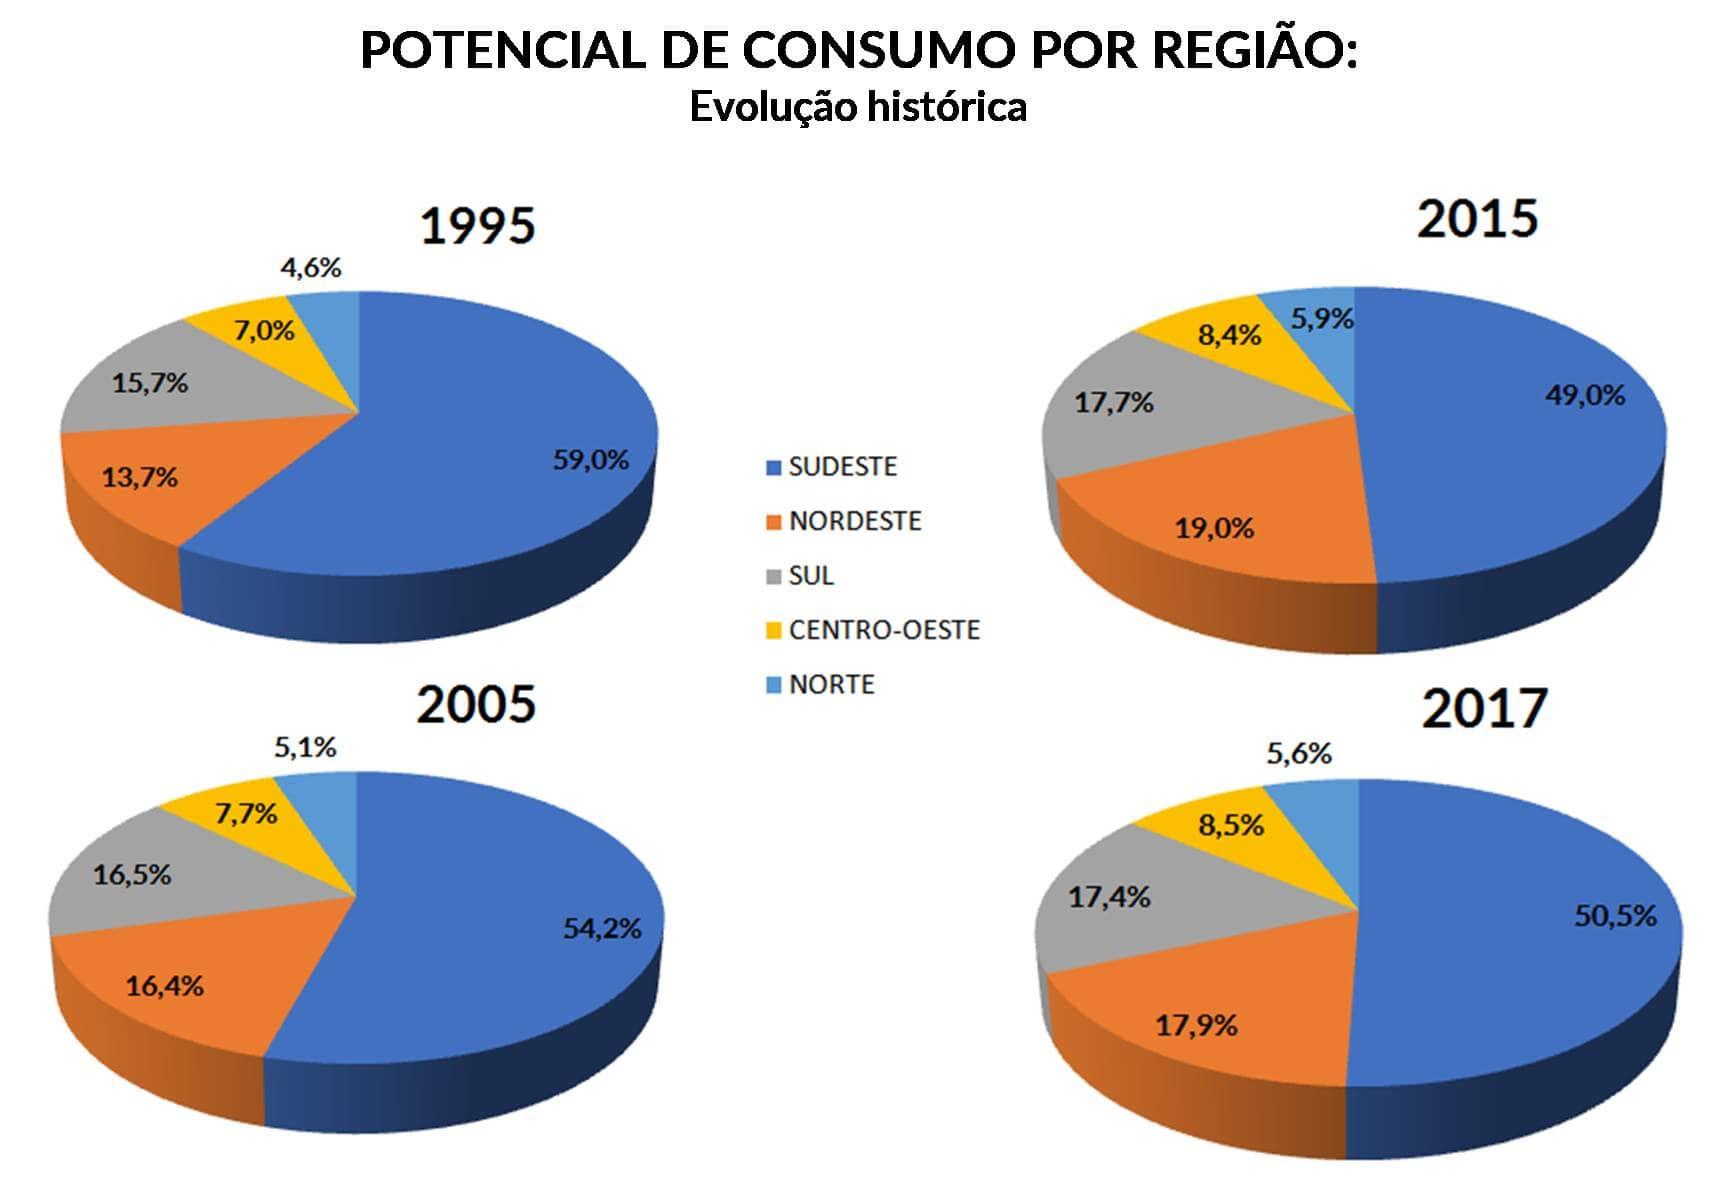 potencial-de-consumo-regiao-historico